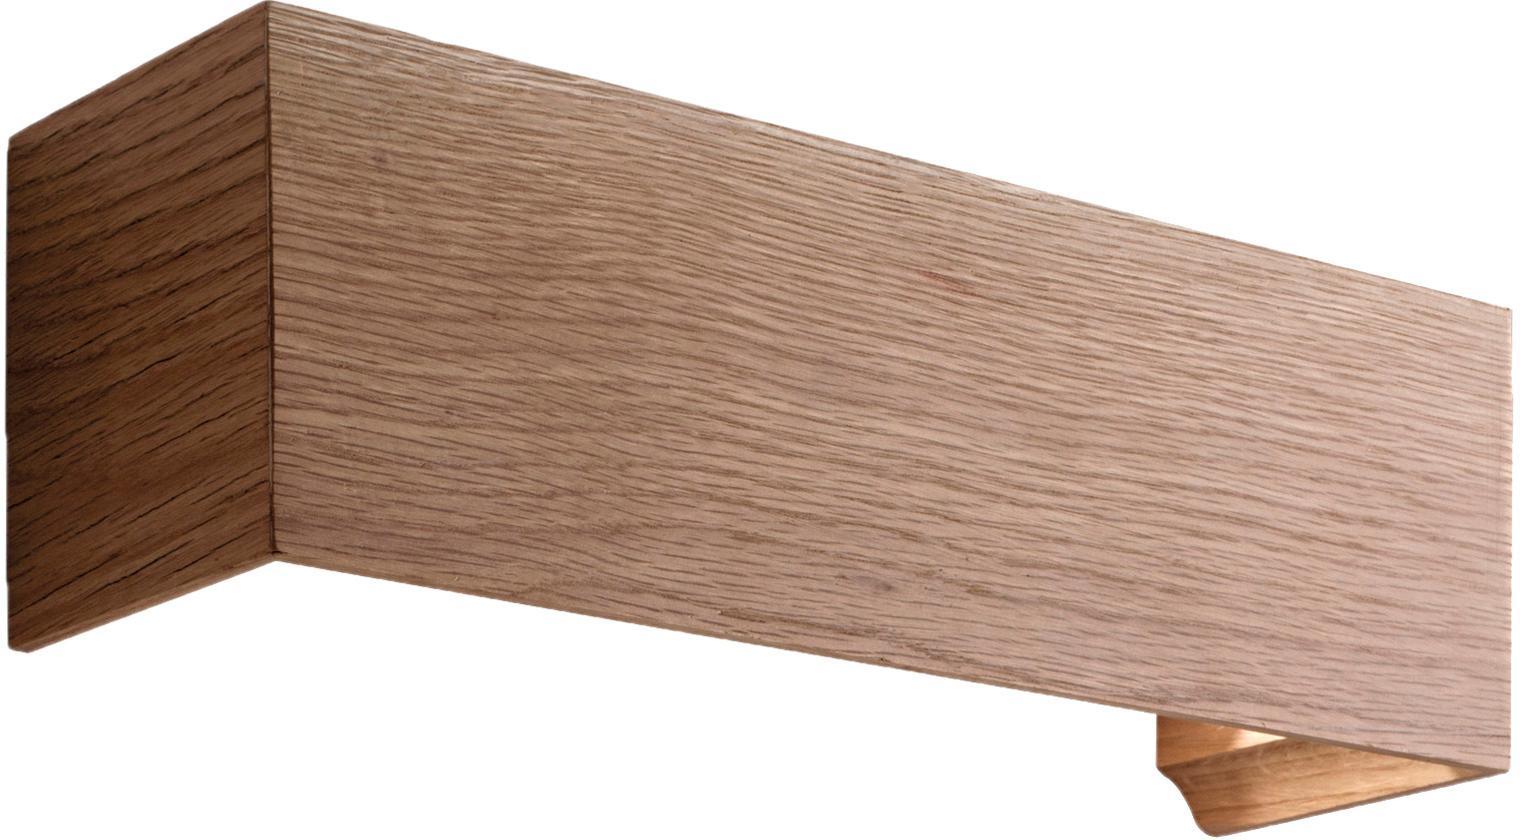 Wandleuchte Badia, Eichenholz, 38 x 12 cm